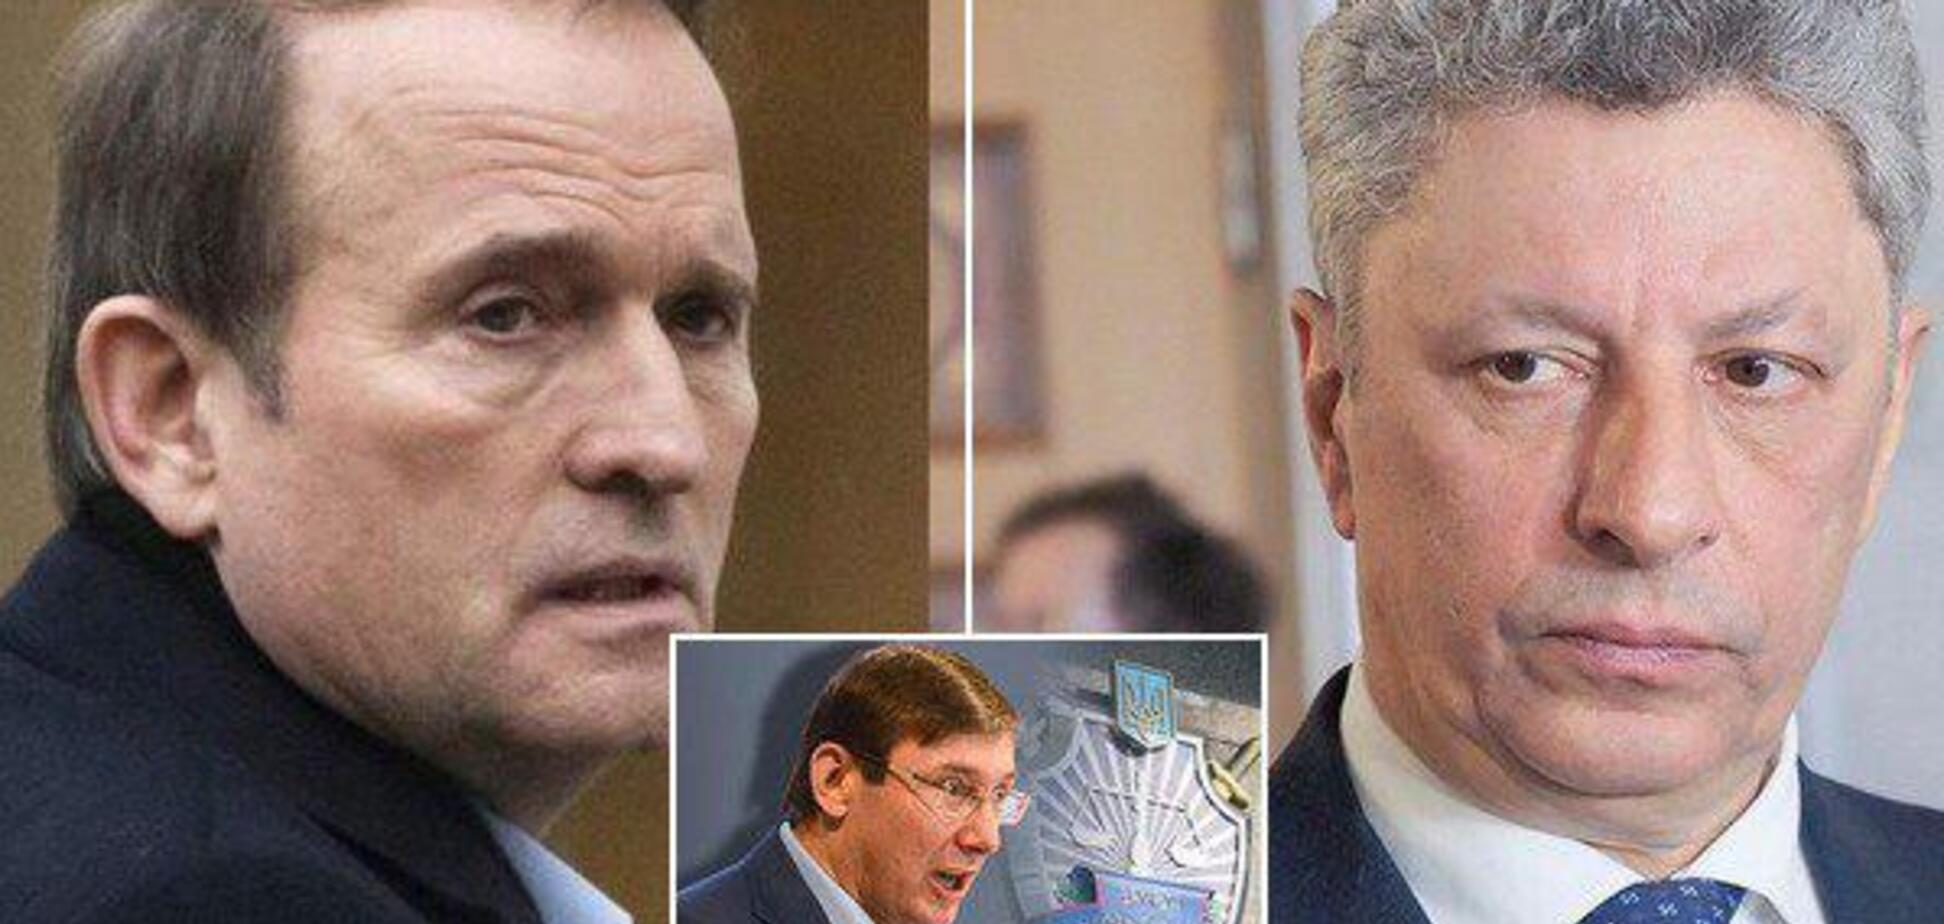 Бойка і Медведчука вирішили жорстко покарати за вояж до Москви: що відомо